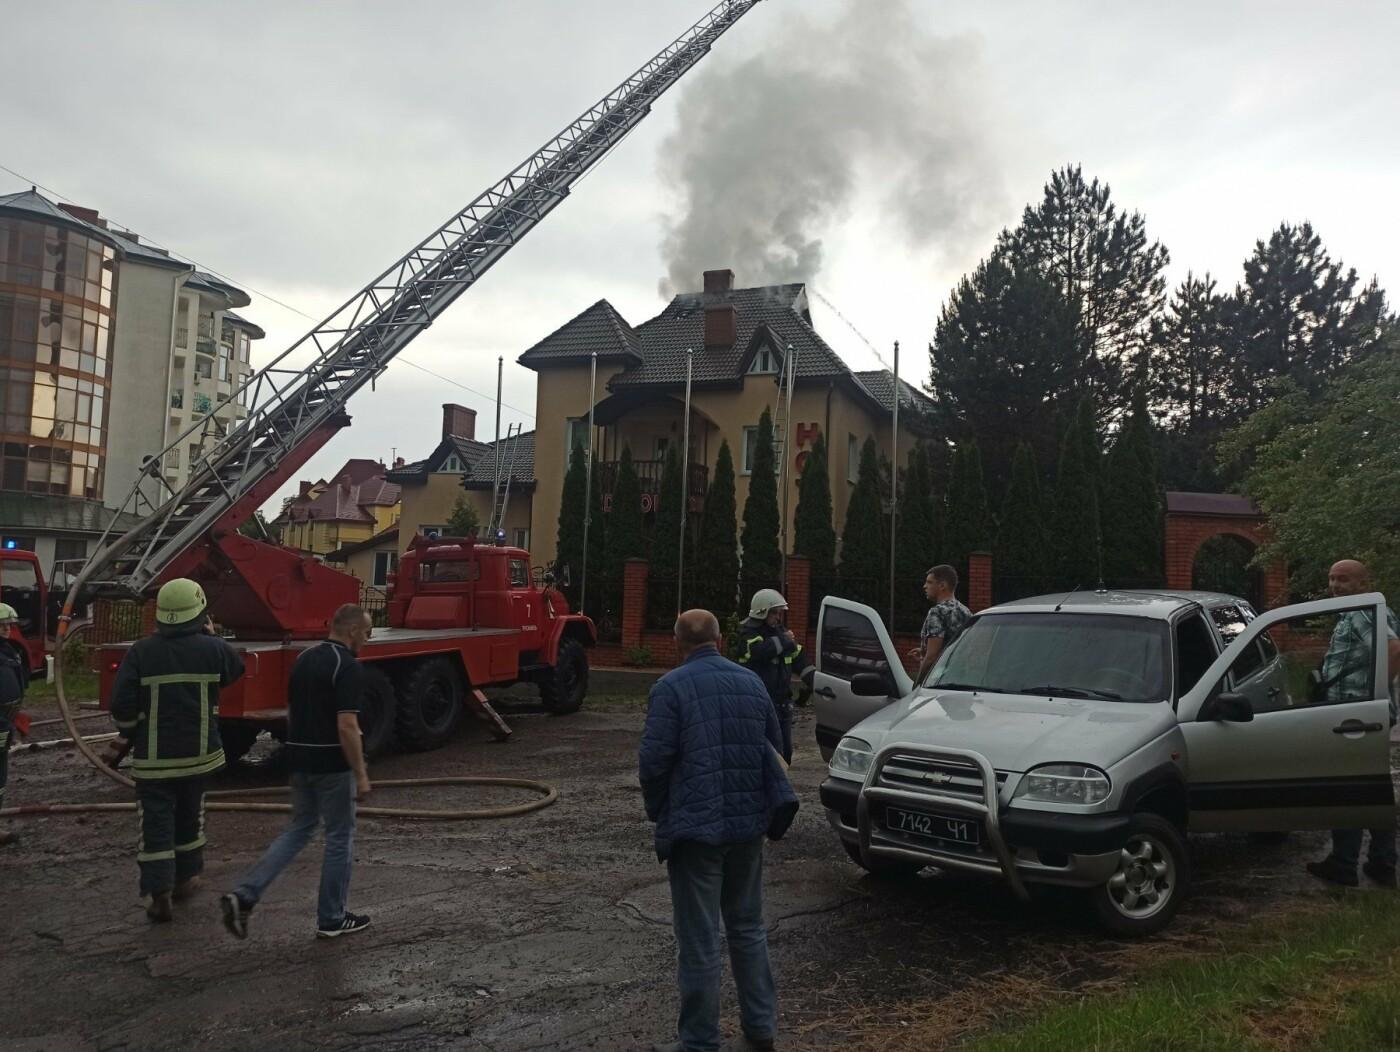 У Трускавці блискавка влучила в готель. На місці працюють пожежники (Відео, фото), фото-4, фото - 03247.com.ua